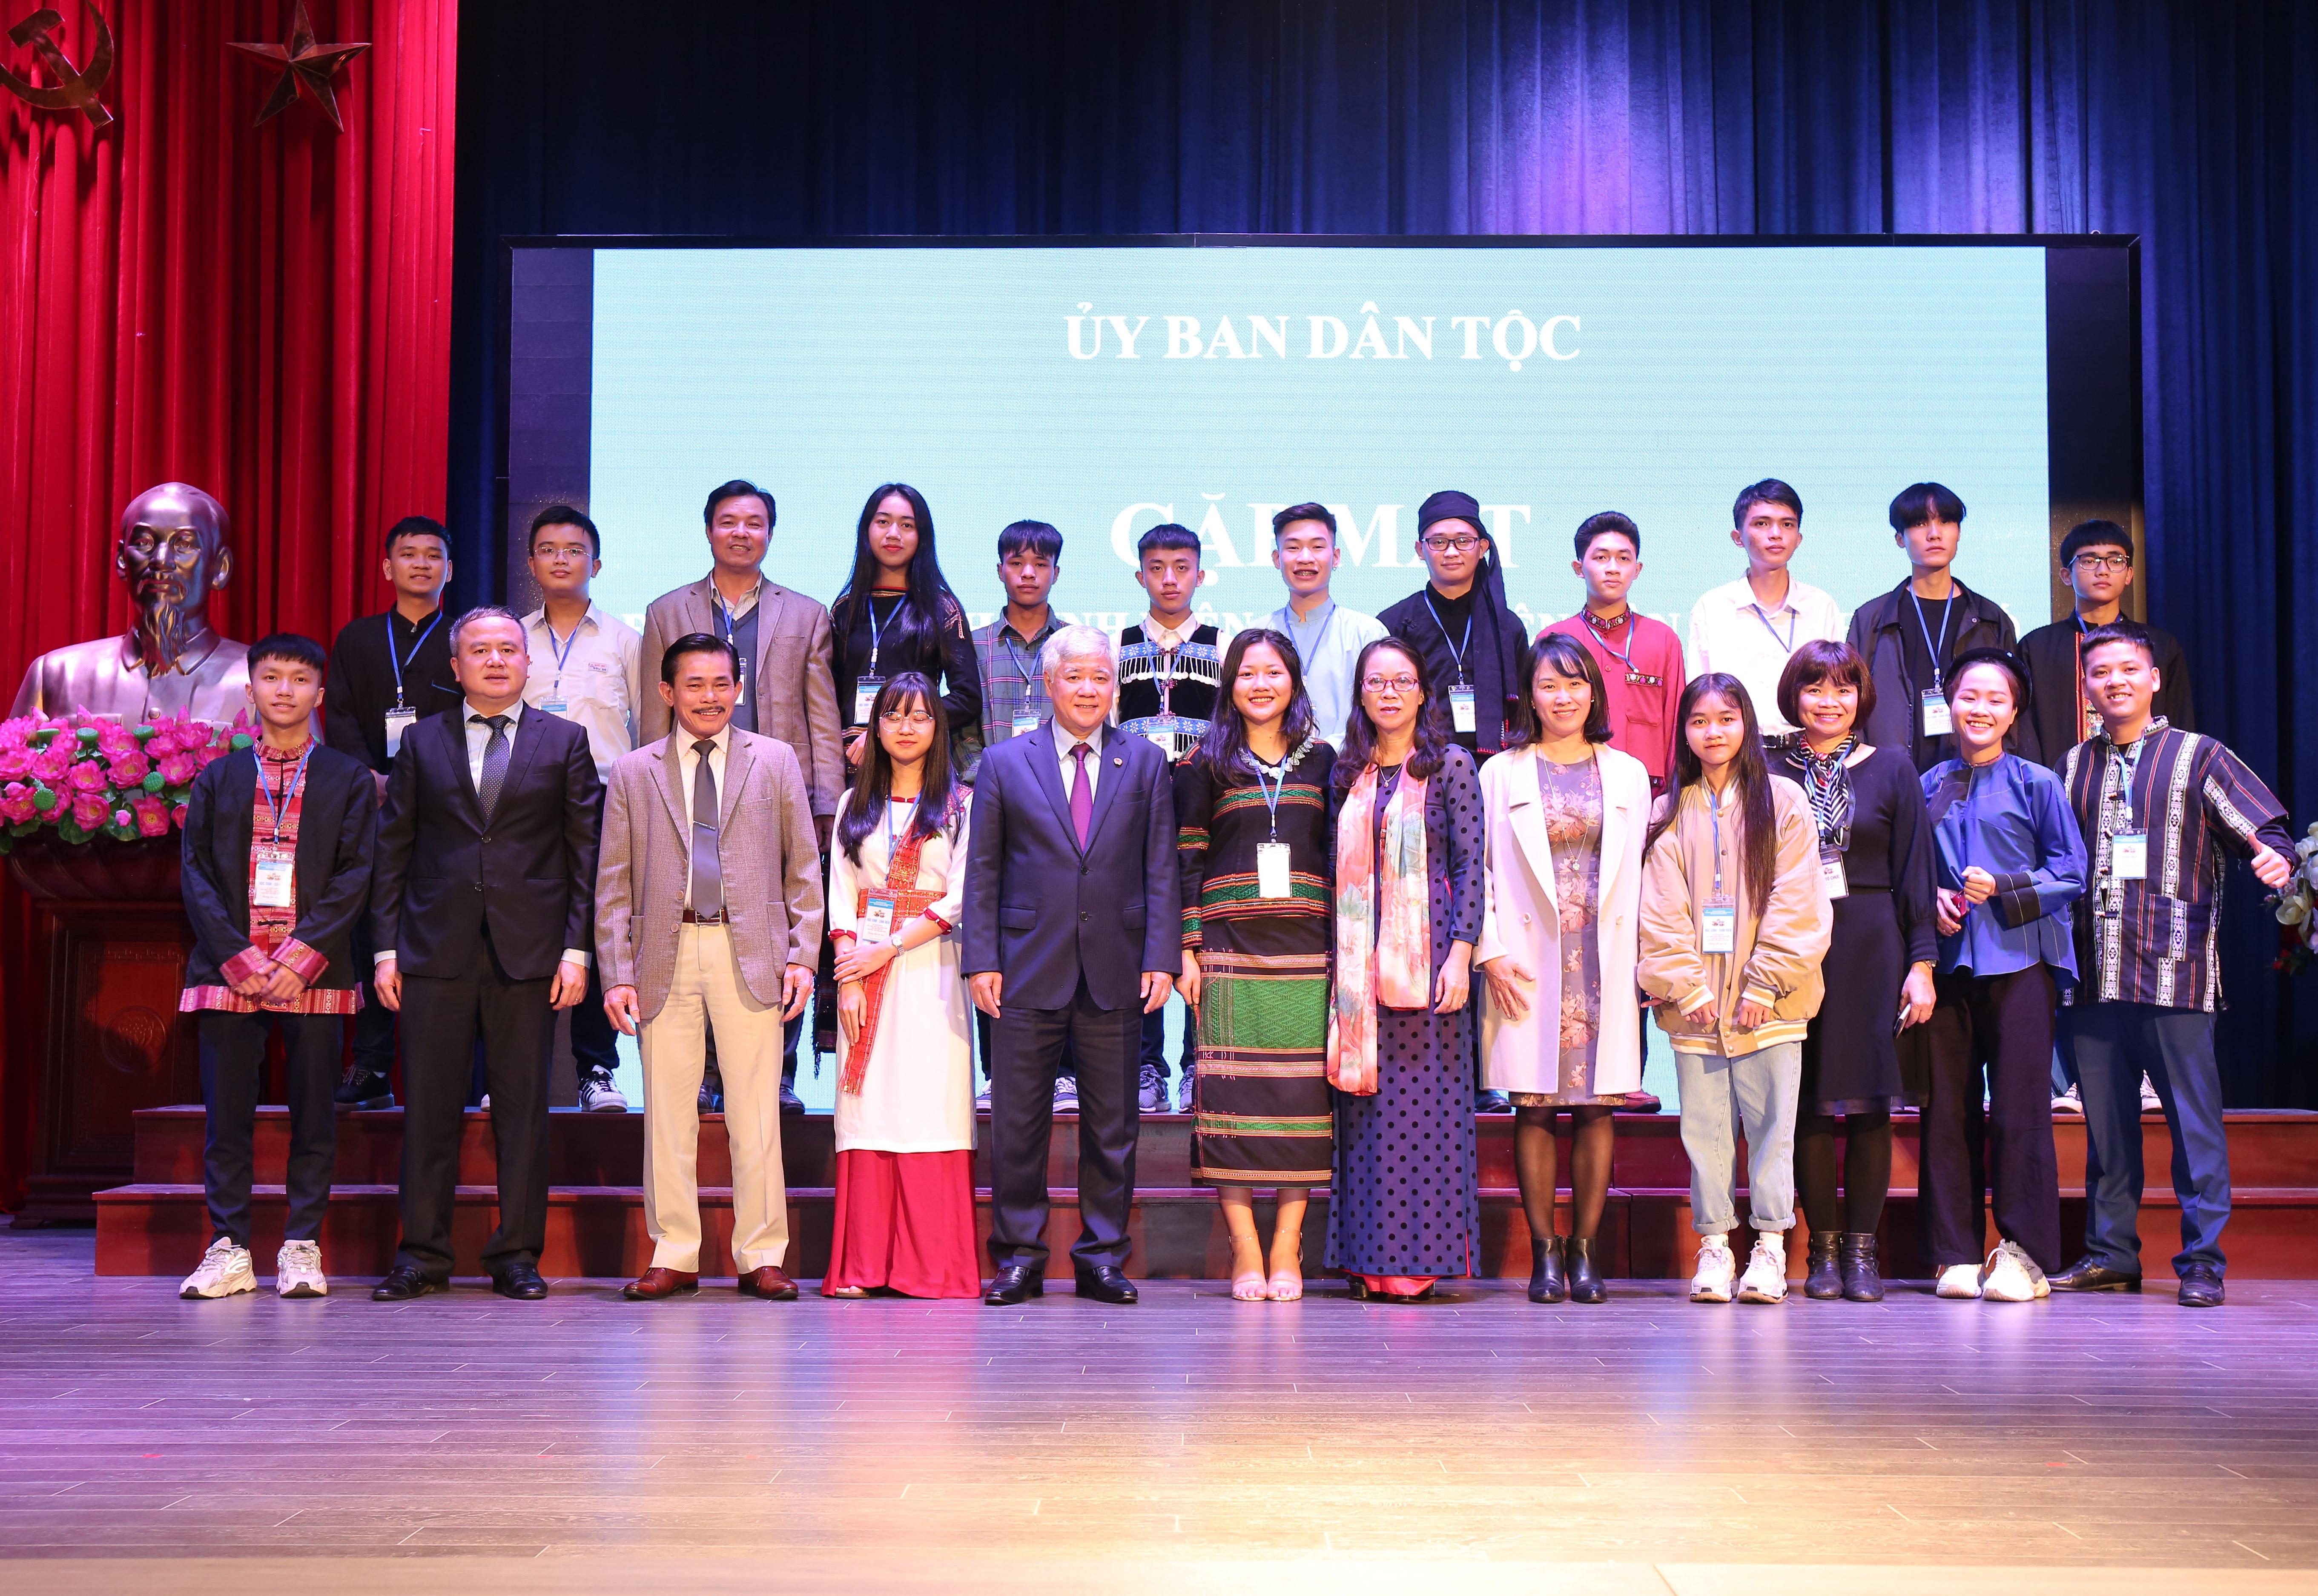 Bộ trưởng, Chủ nhiệm Đỗ Văn Chiến gặp mặt Đoàn học sinh, sinh viên, thanh niên dân tộc thiểu số xuất sắc, tiêu biểu năm 2020 7